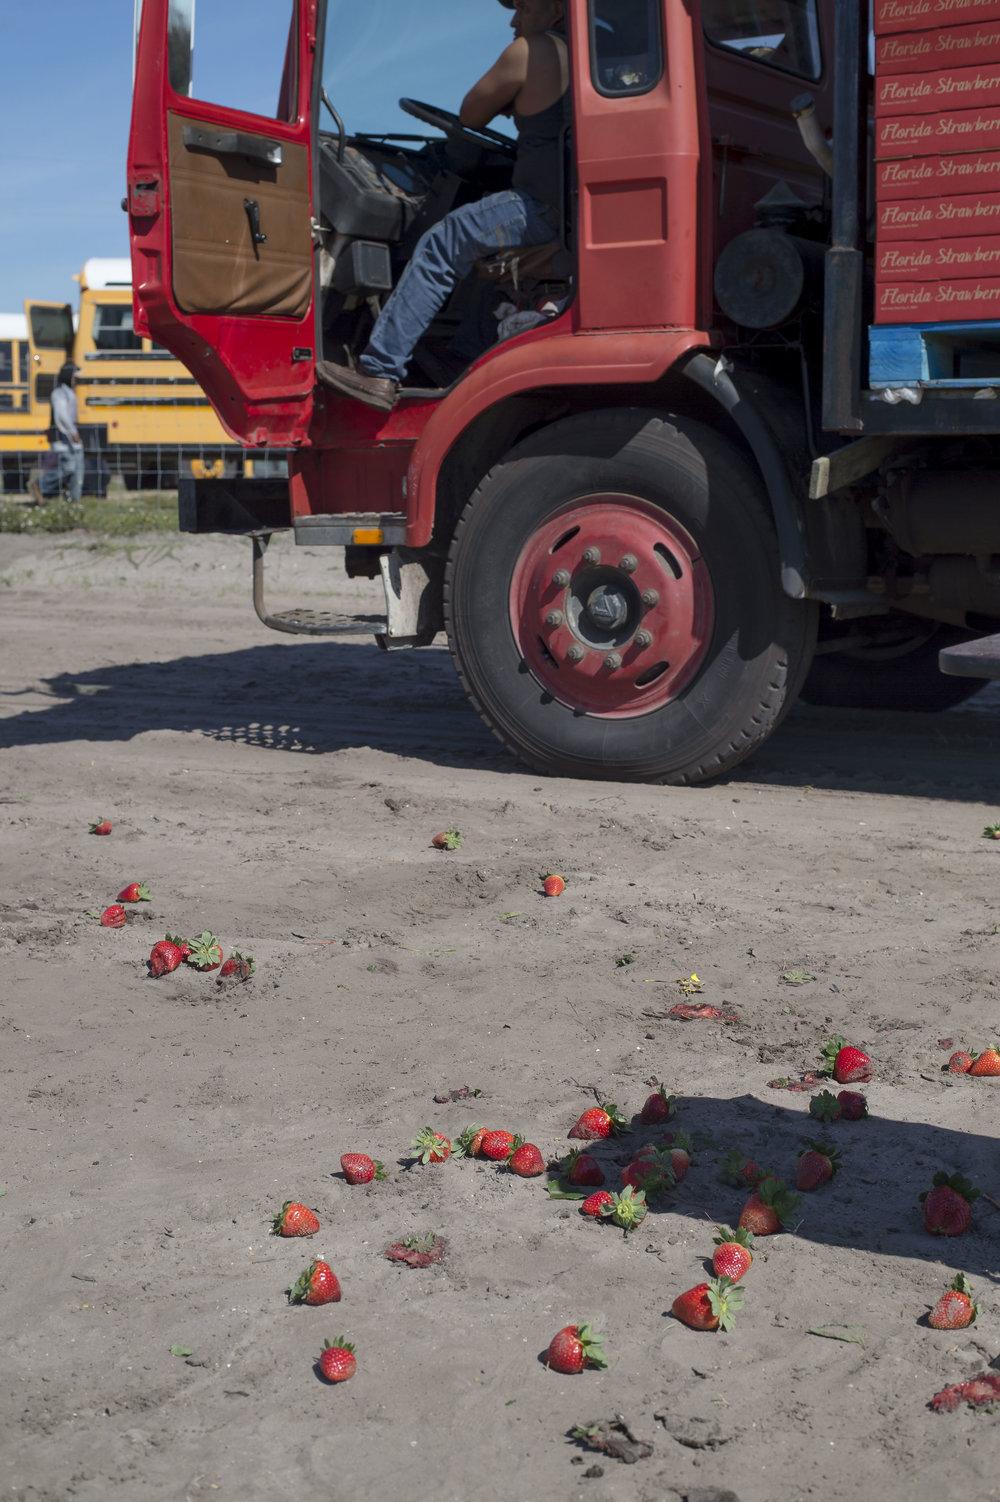 zwStrawberryRobot32.JPG